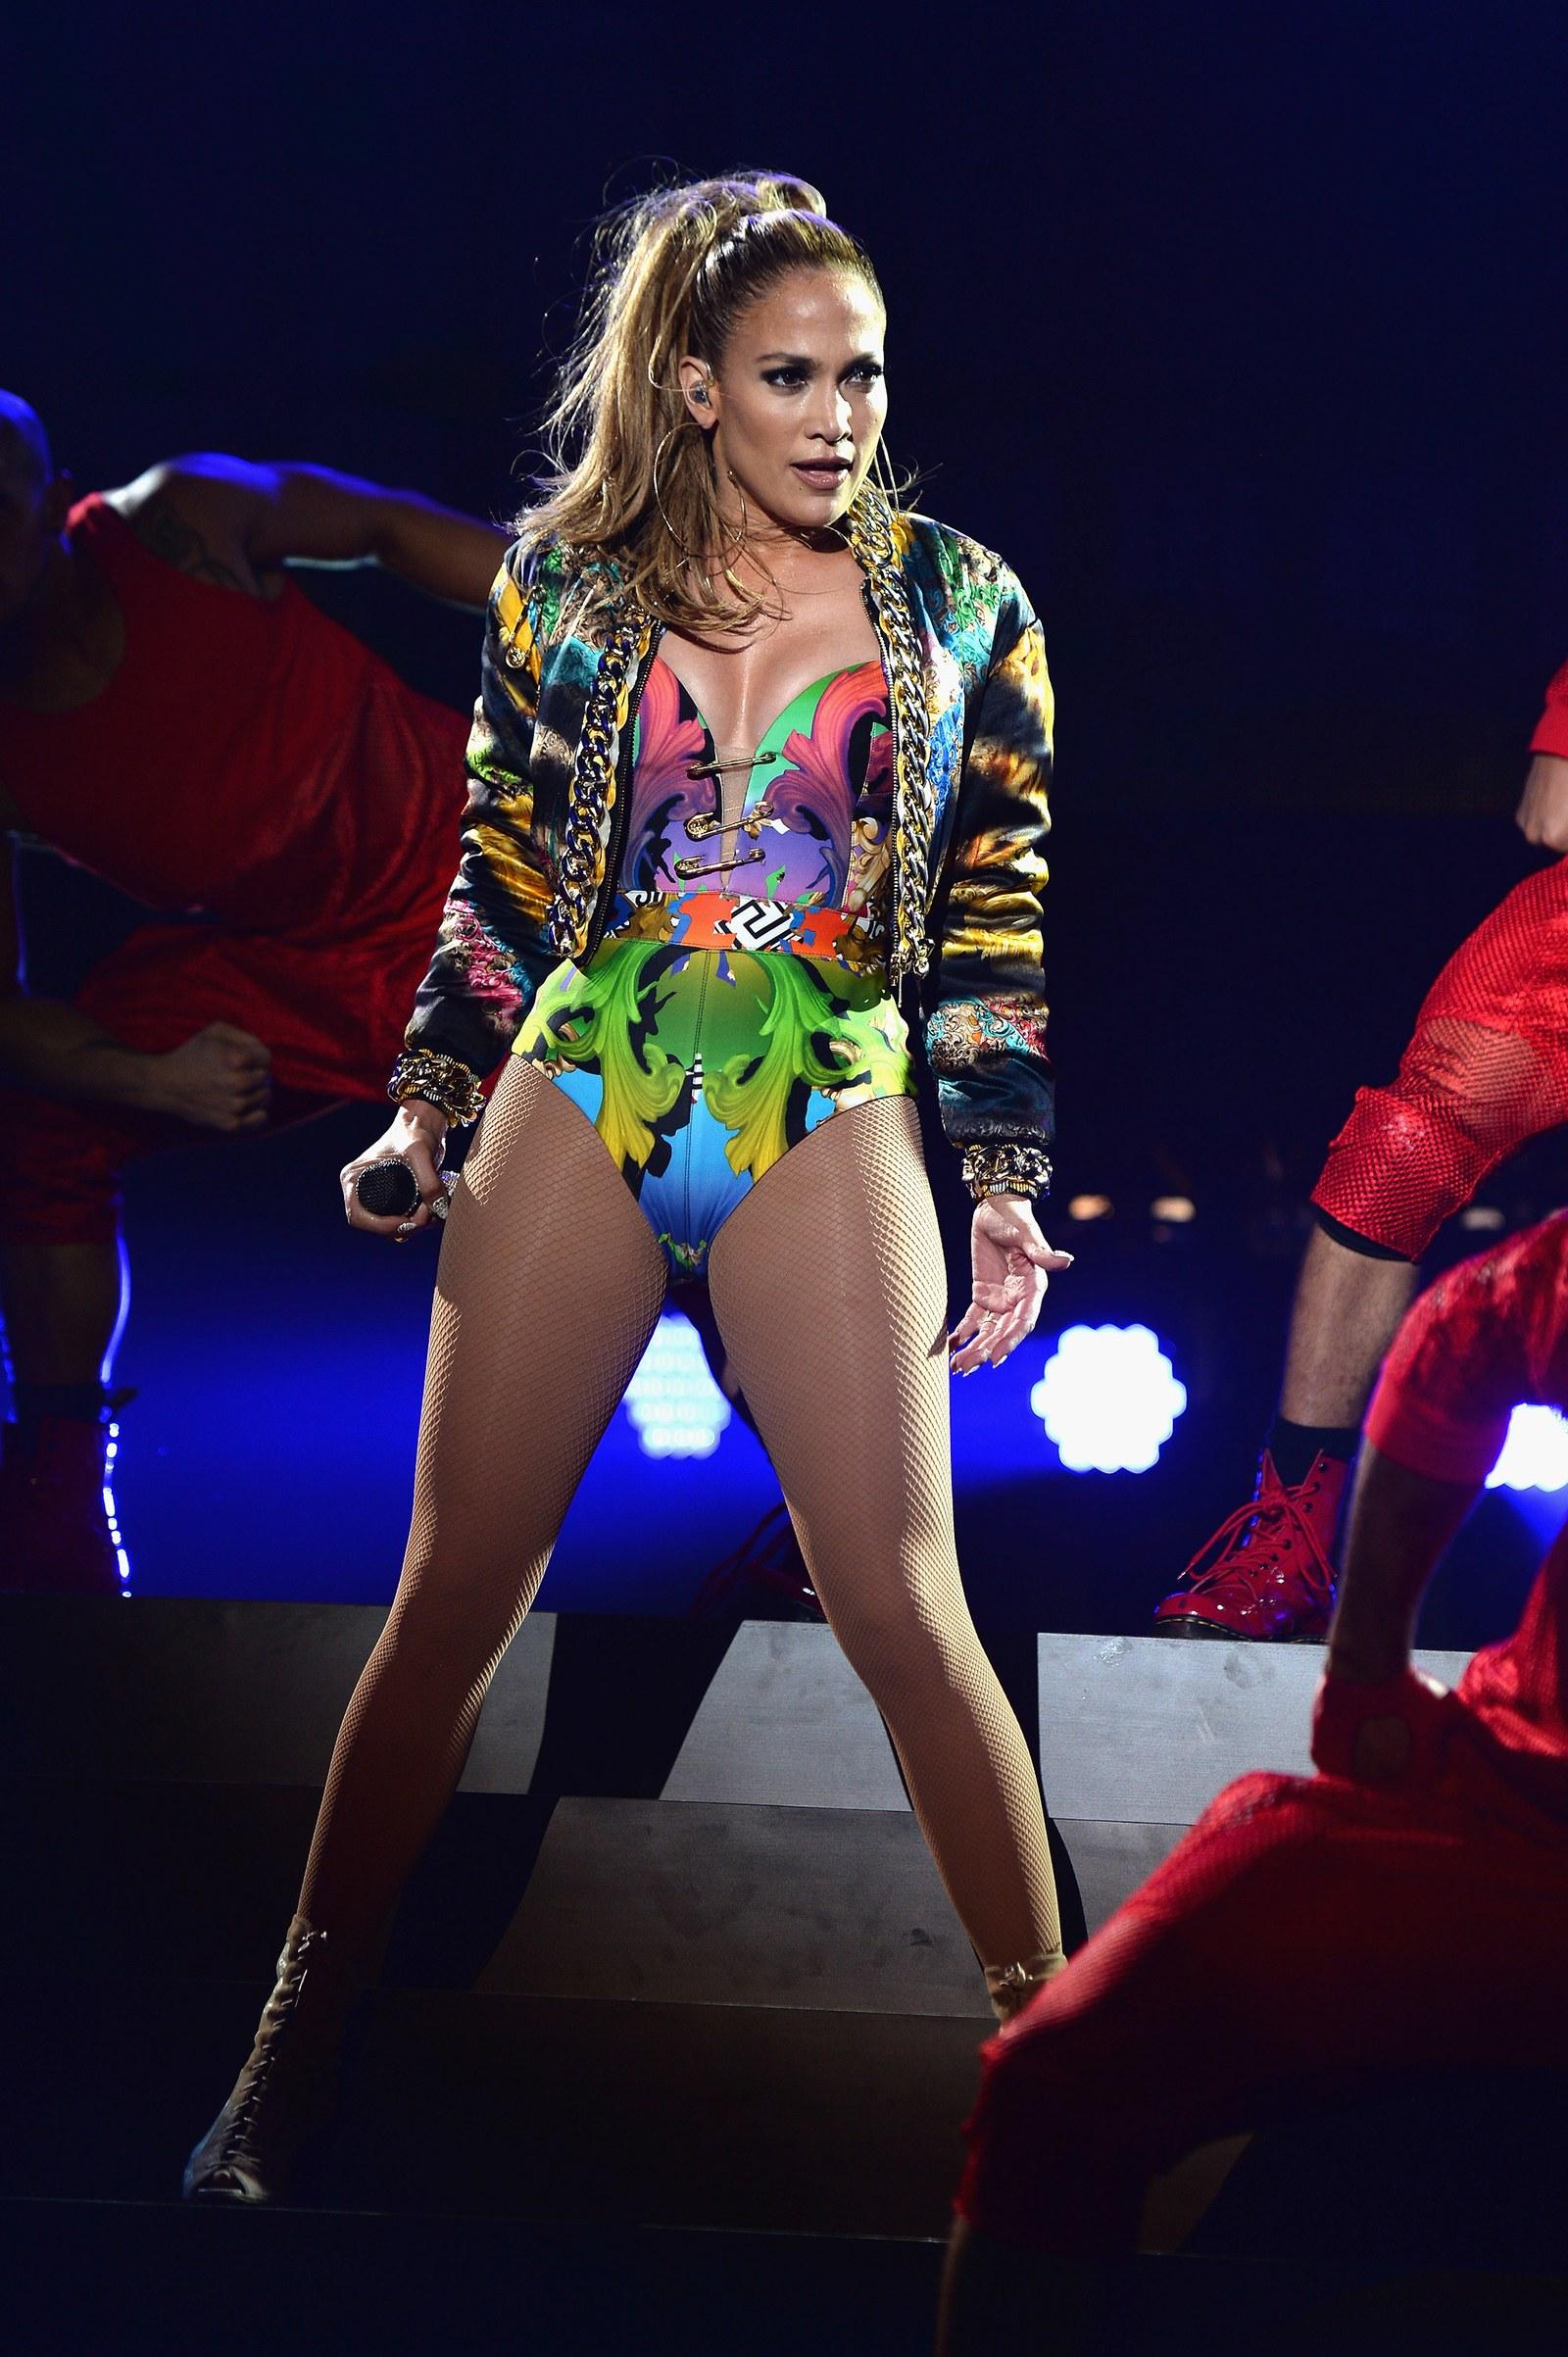 A Versace nem csak red carpet eseményeken, hanem a színpadon is gyakran öltözteti az énekesnőt.